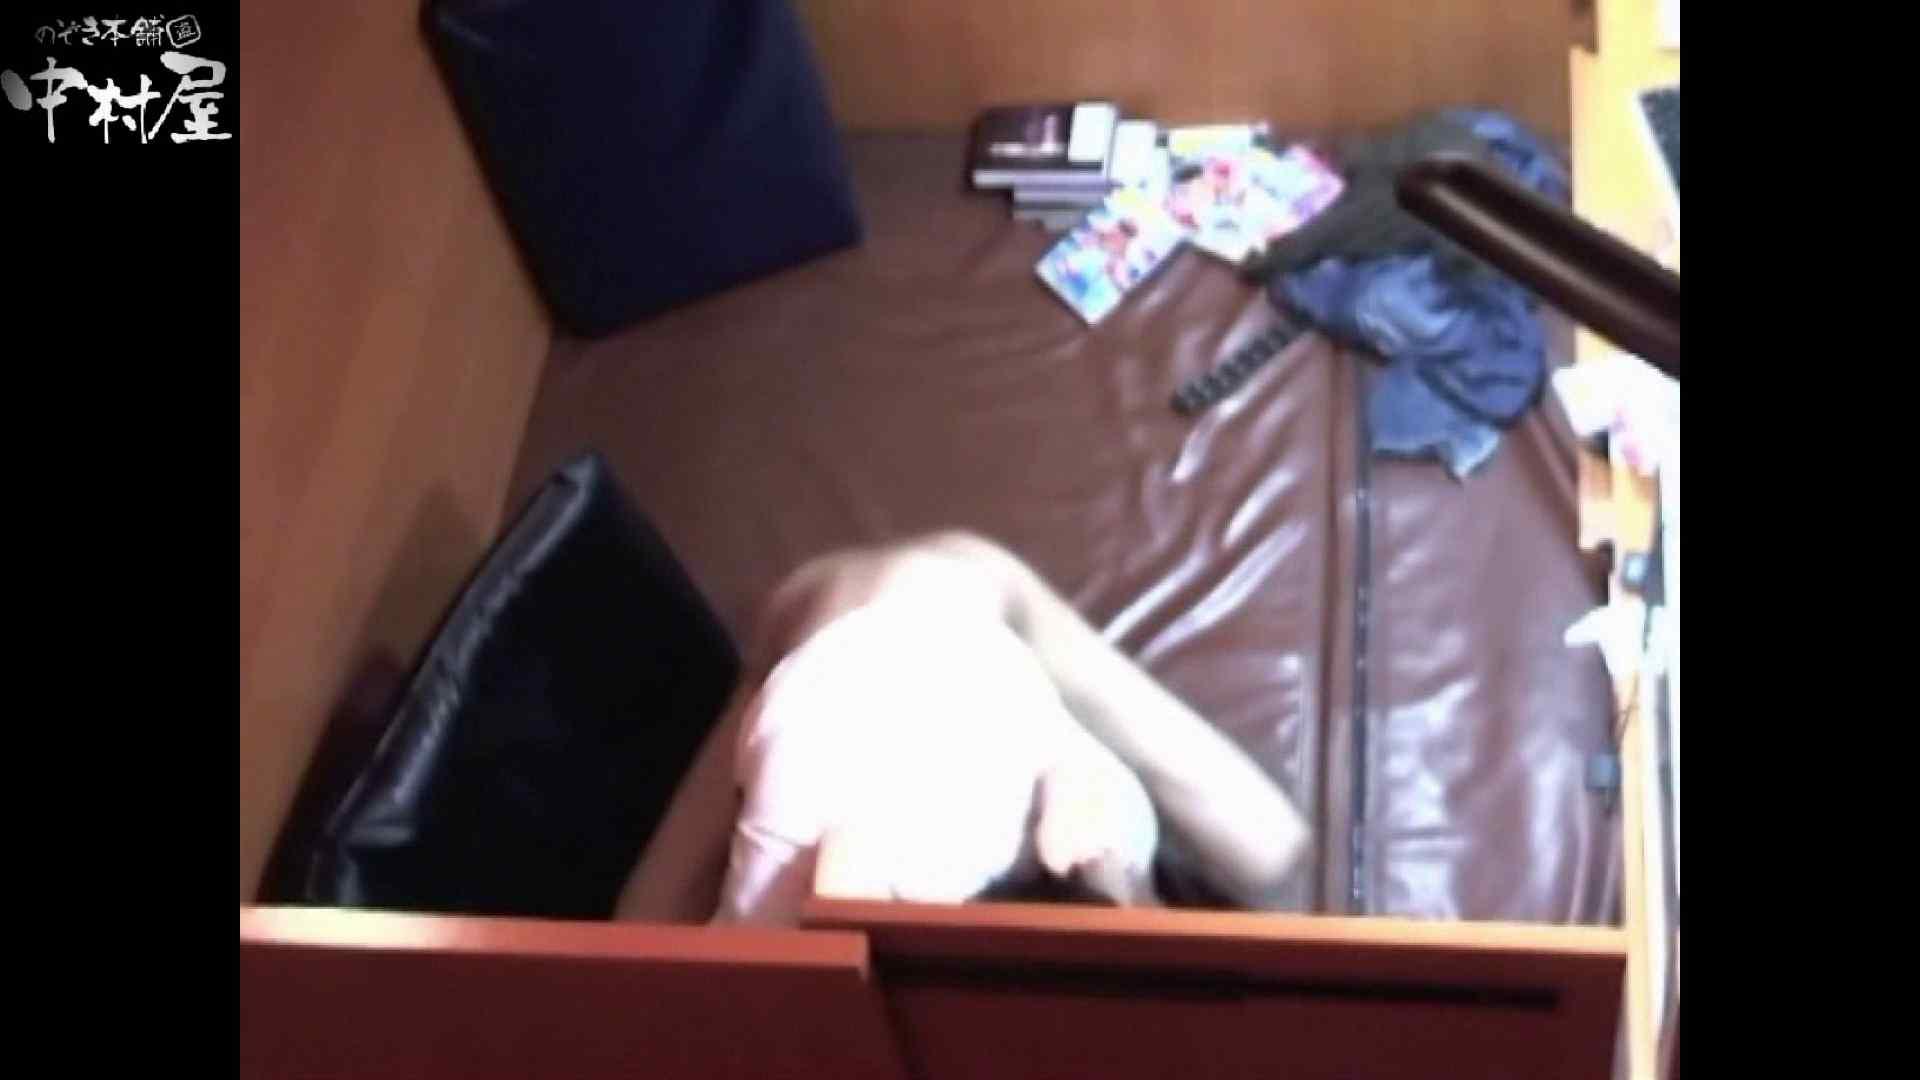 ネットカフェ盗撮師トロントさんの 素人カップル盗撮記vol.1 素人見放題 セックス画像 112PIX 111